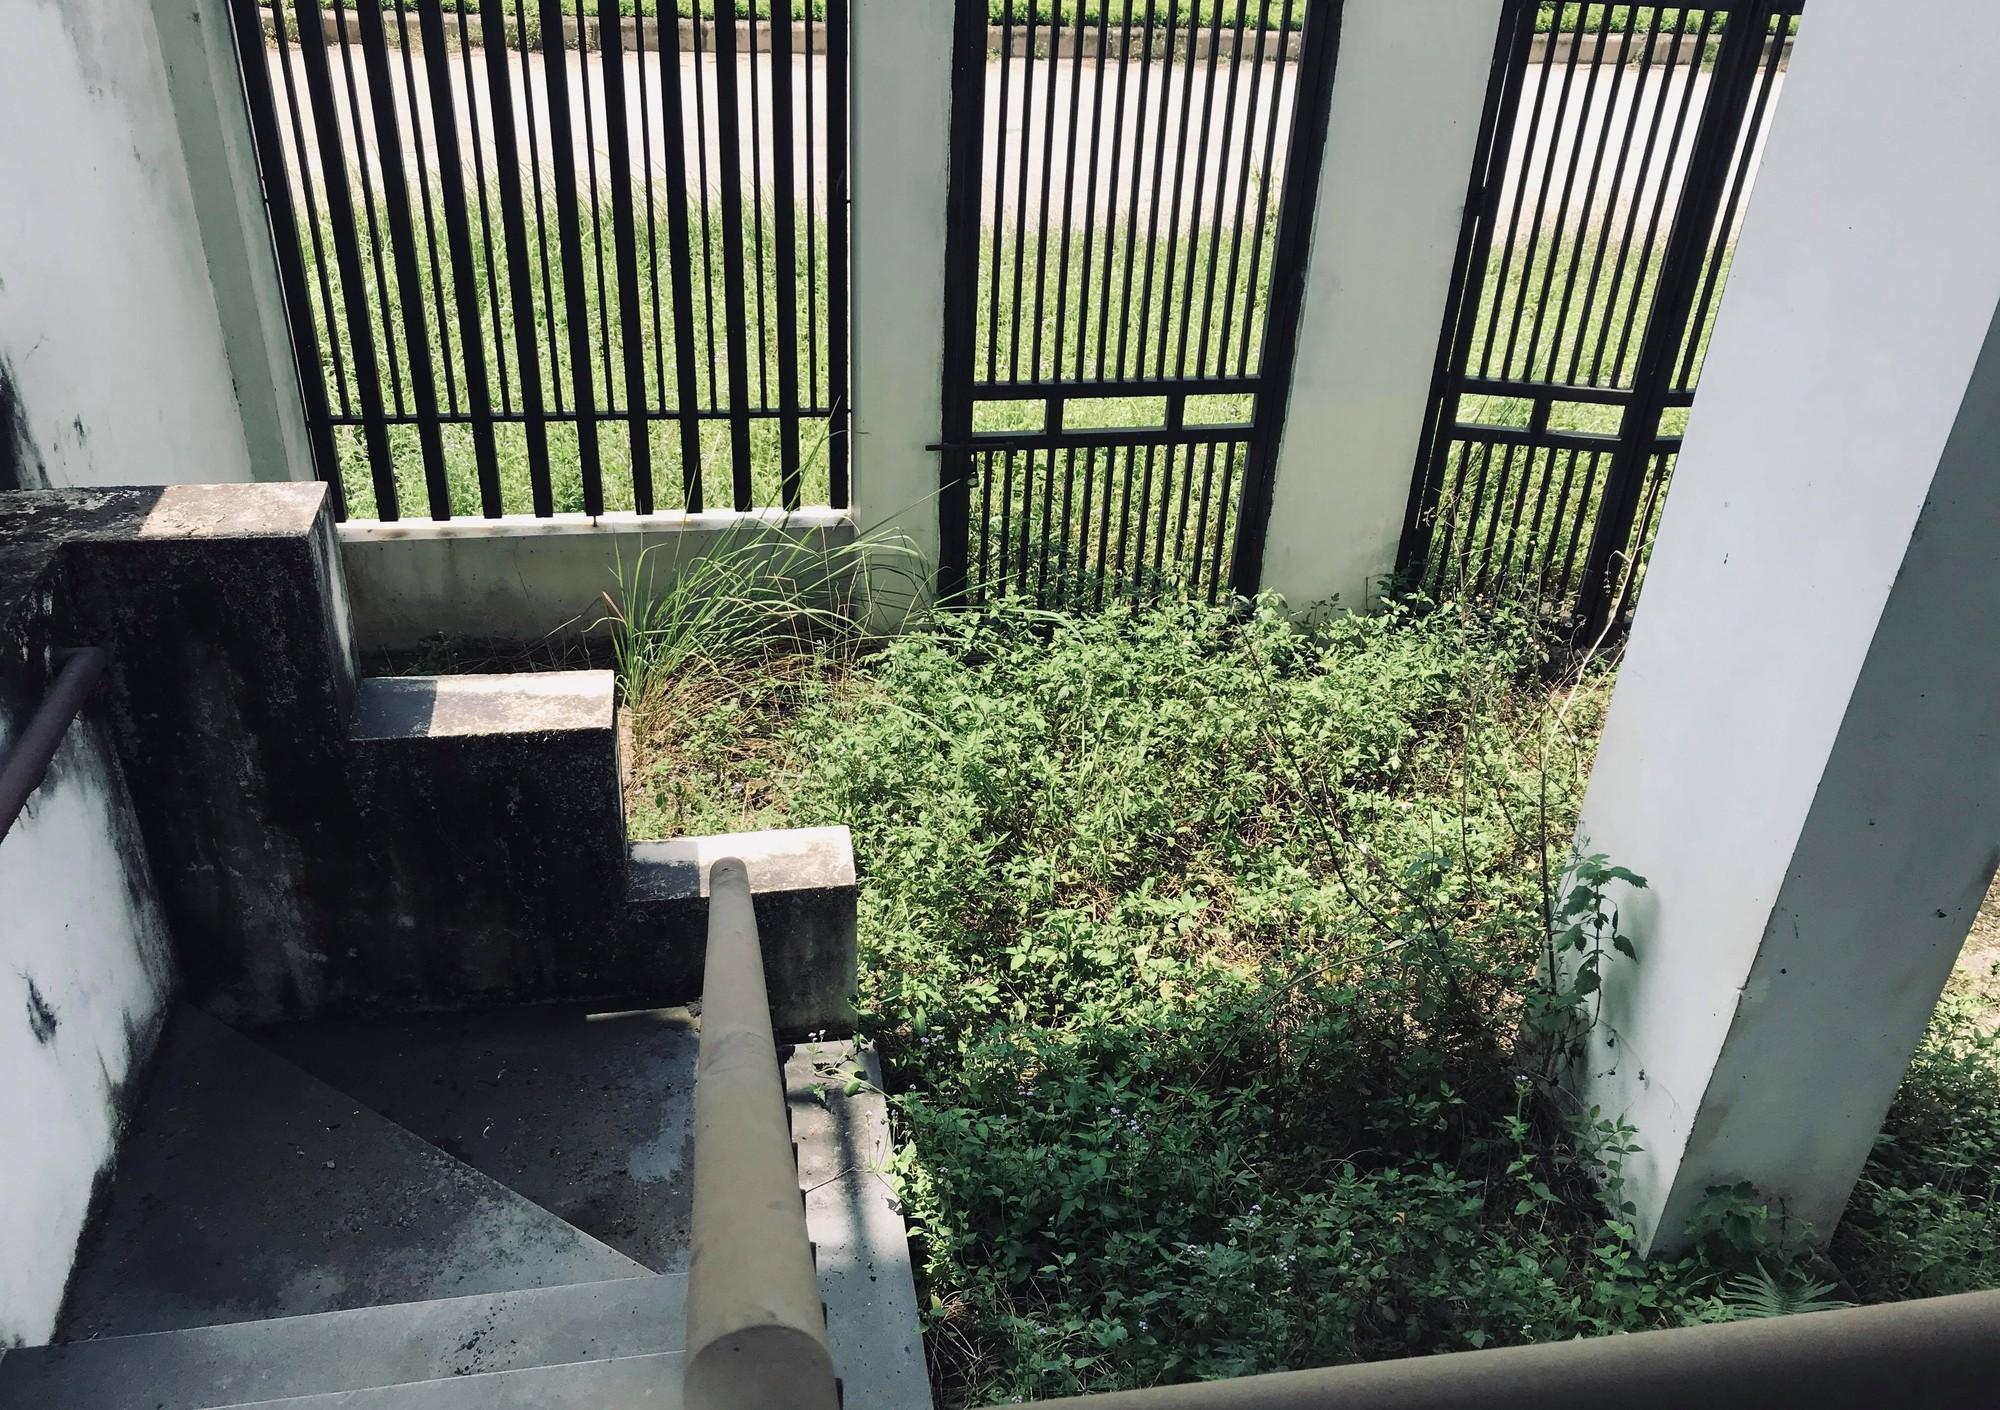 Hàng nghìn tỉ đồng bị chôn vùi tại khu đô thị bỏ hoang Minh Giang Đầm Và - Ảnh 11.